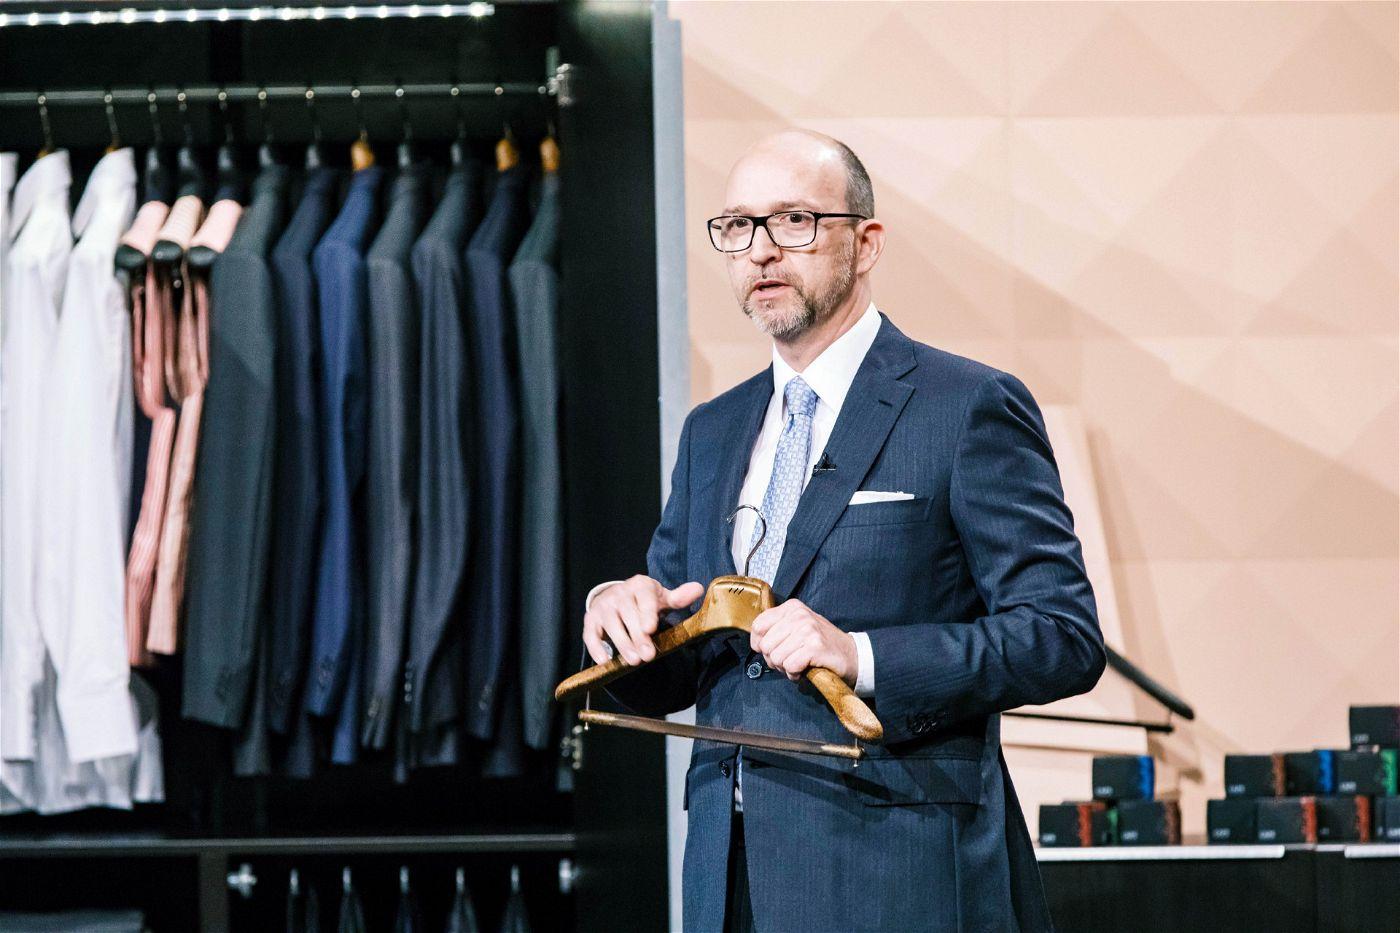 """<p><b>Der Gründer und sein Produkt</b>: Ralf Ecks will mit """"Caps Air"""", einem Kleiderbügelsystem, den Motten an den Kragen.<p><b>Der Wunsch</b>: 200.000 Euro für einen Firmenanteil von 20 Prozent.</p> <p><b>Der Deal</b>: Ralf Dümmel bekommt für 200.000 Euro 30 Prozent.</p>"""